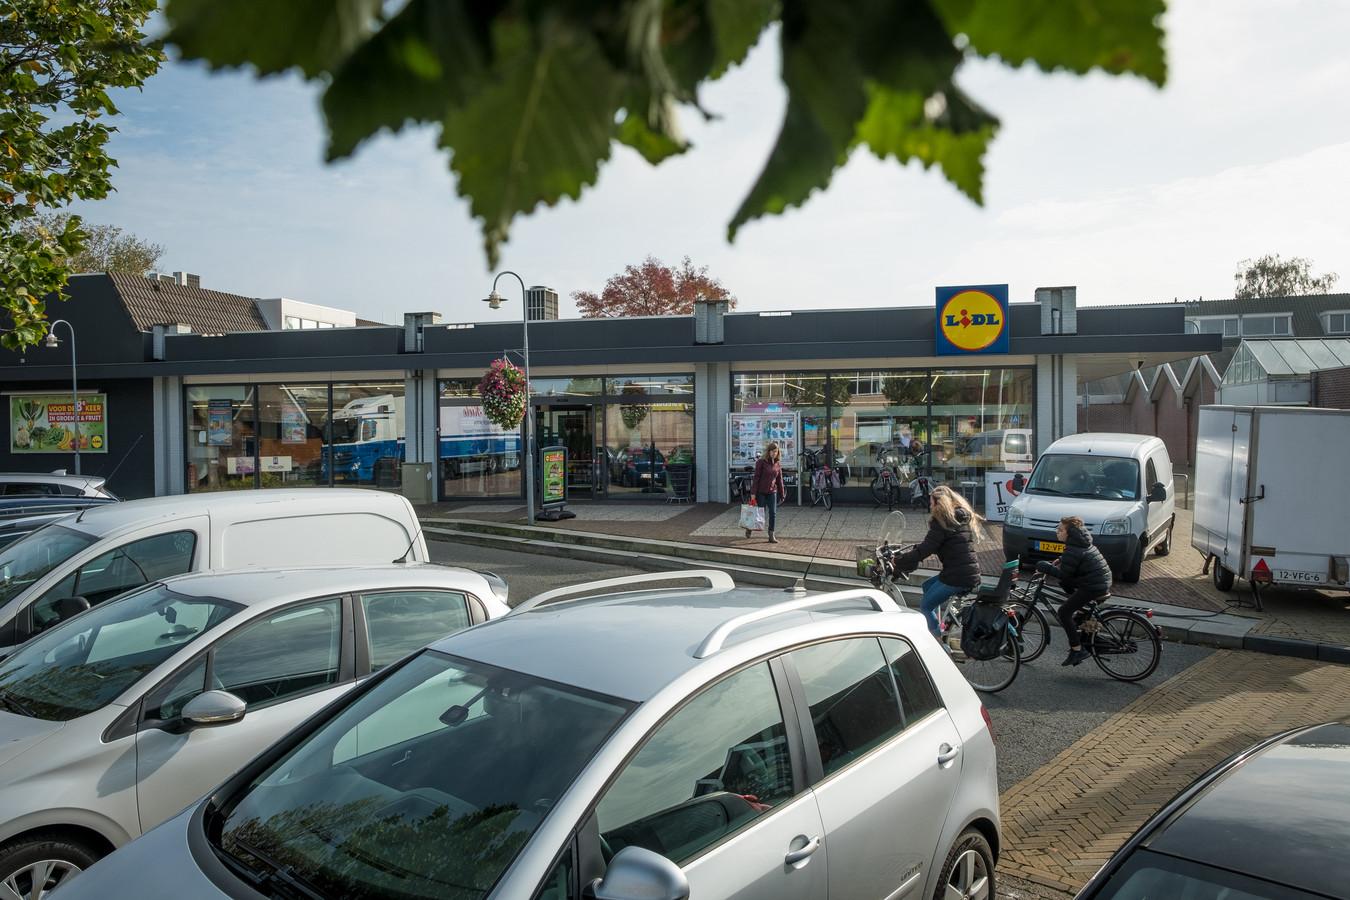 De Lidl op het Meidoornplein moet worden gesloopt. De supermarkt bouwt een groter pand aan de andere kant van het plein.